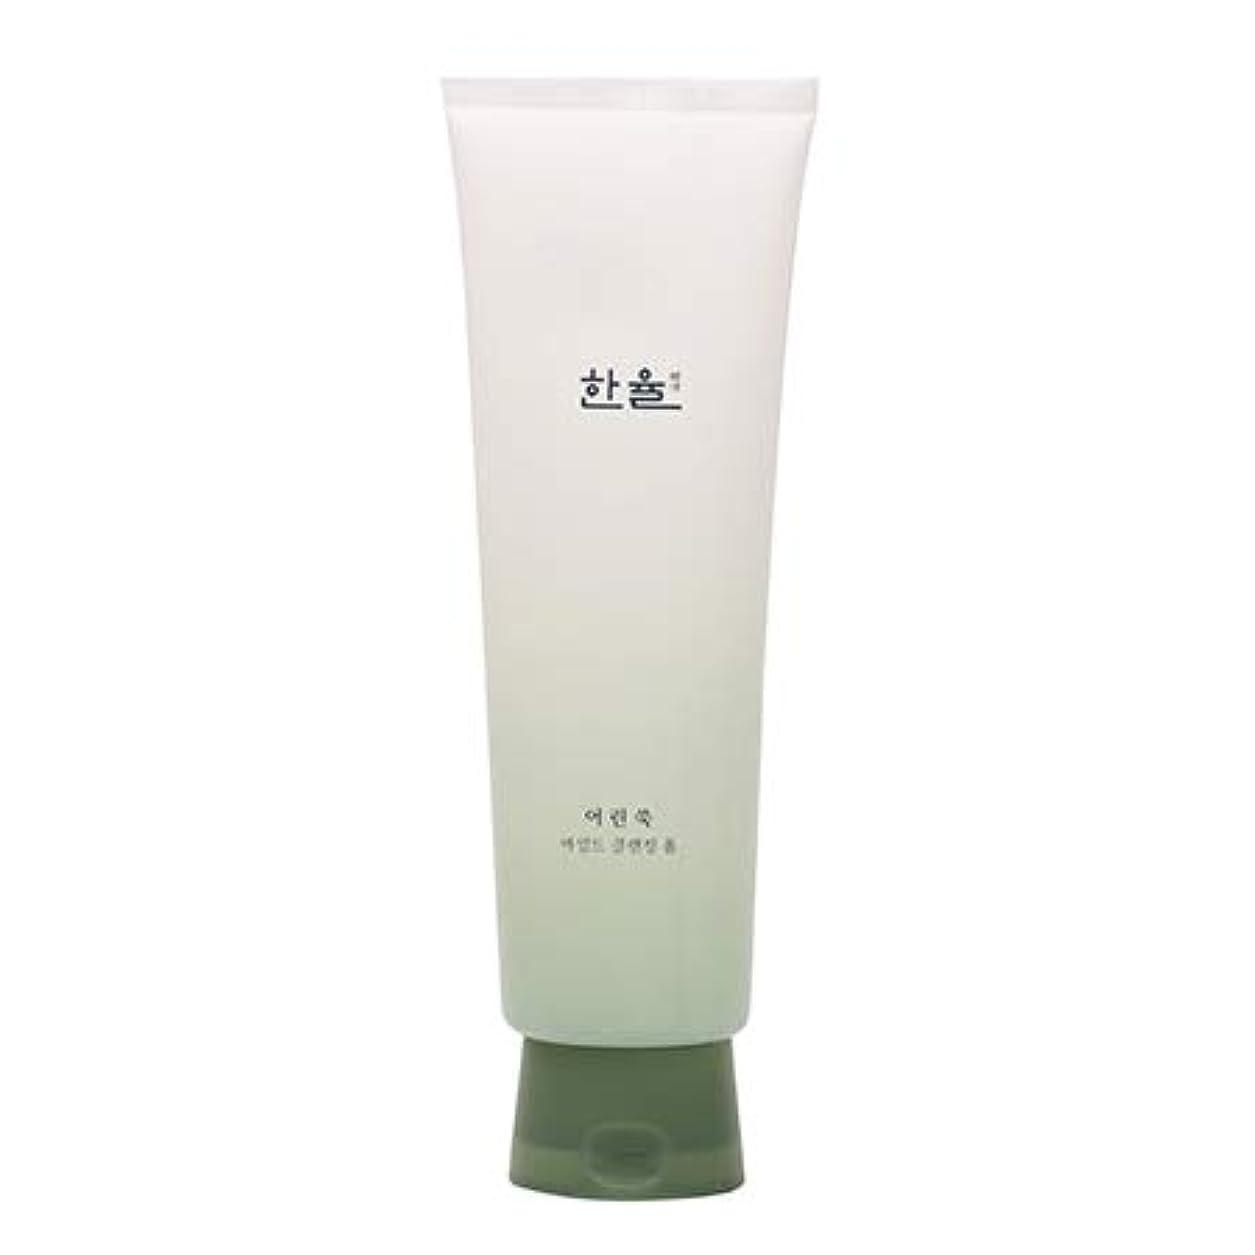 表面発信冷淡なハンユル HANYUL ピュア ヨモギ マイルド クレンジングフォーム Pure Artemisia Mild Cleansing Foam 170ml [並行輸入品]